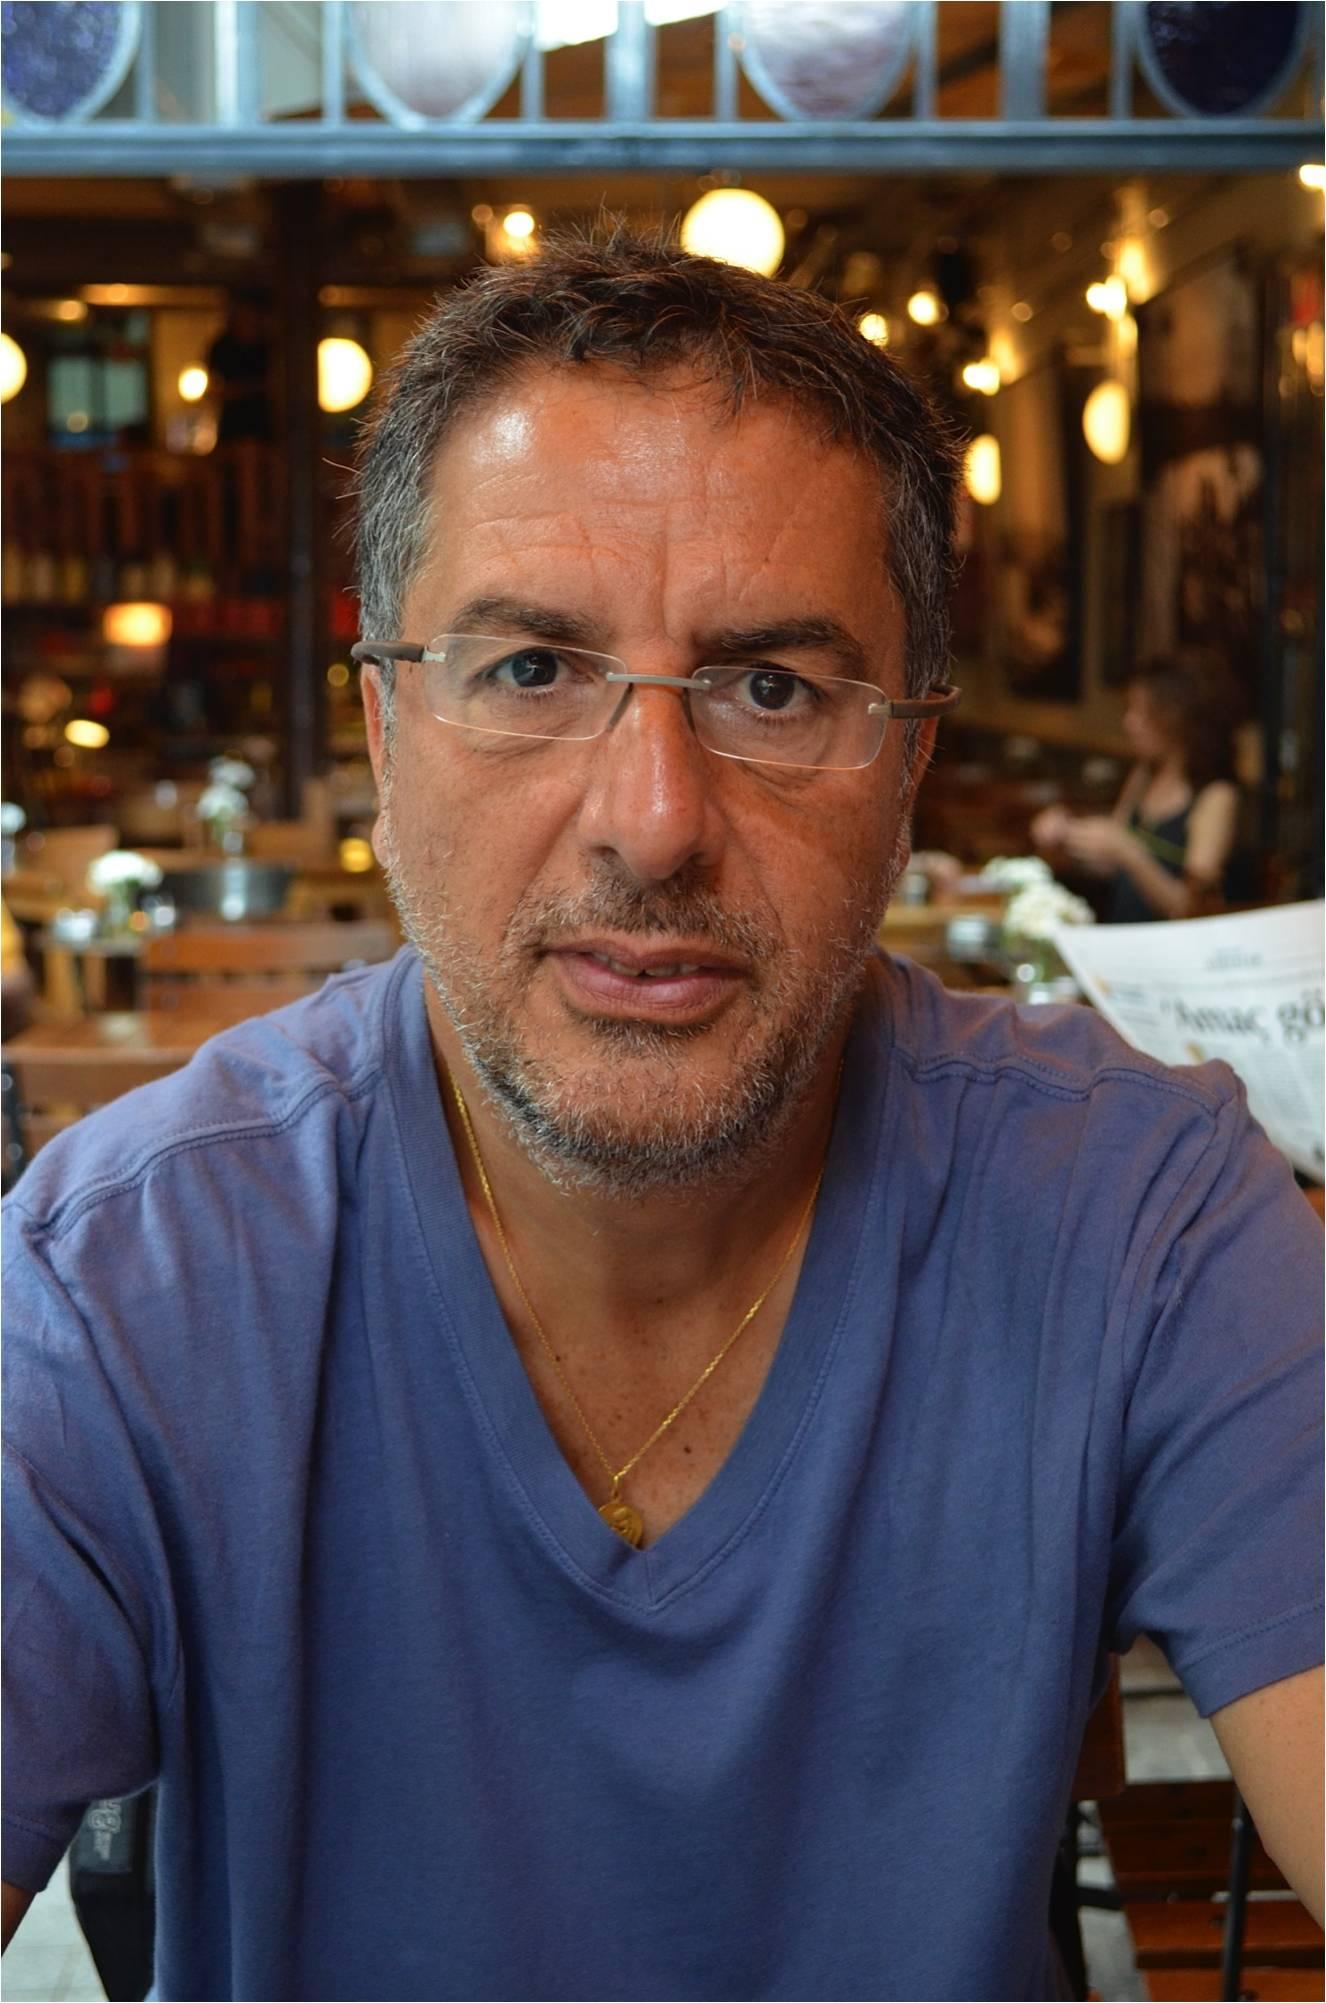 Serge AGZIKARIAN